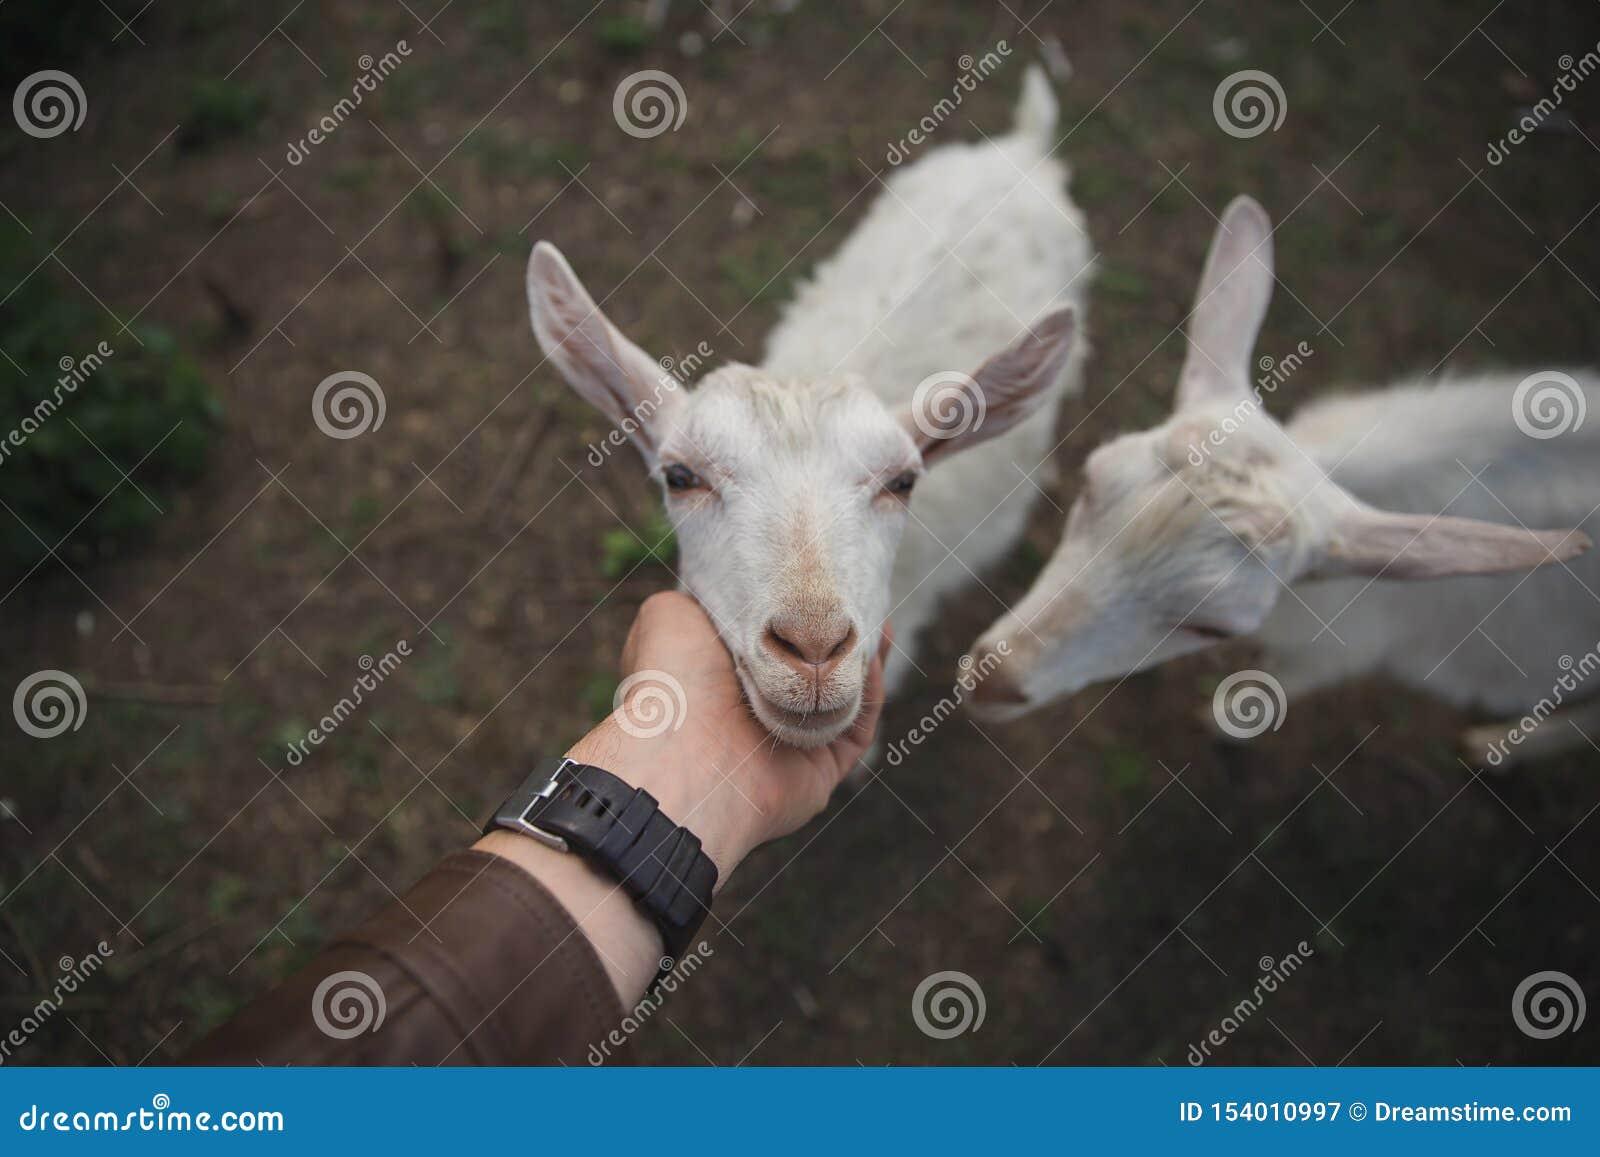 El hombre acaricia una cabra blanca en una granja